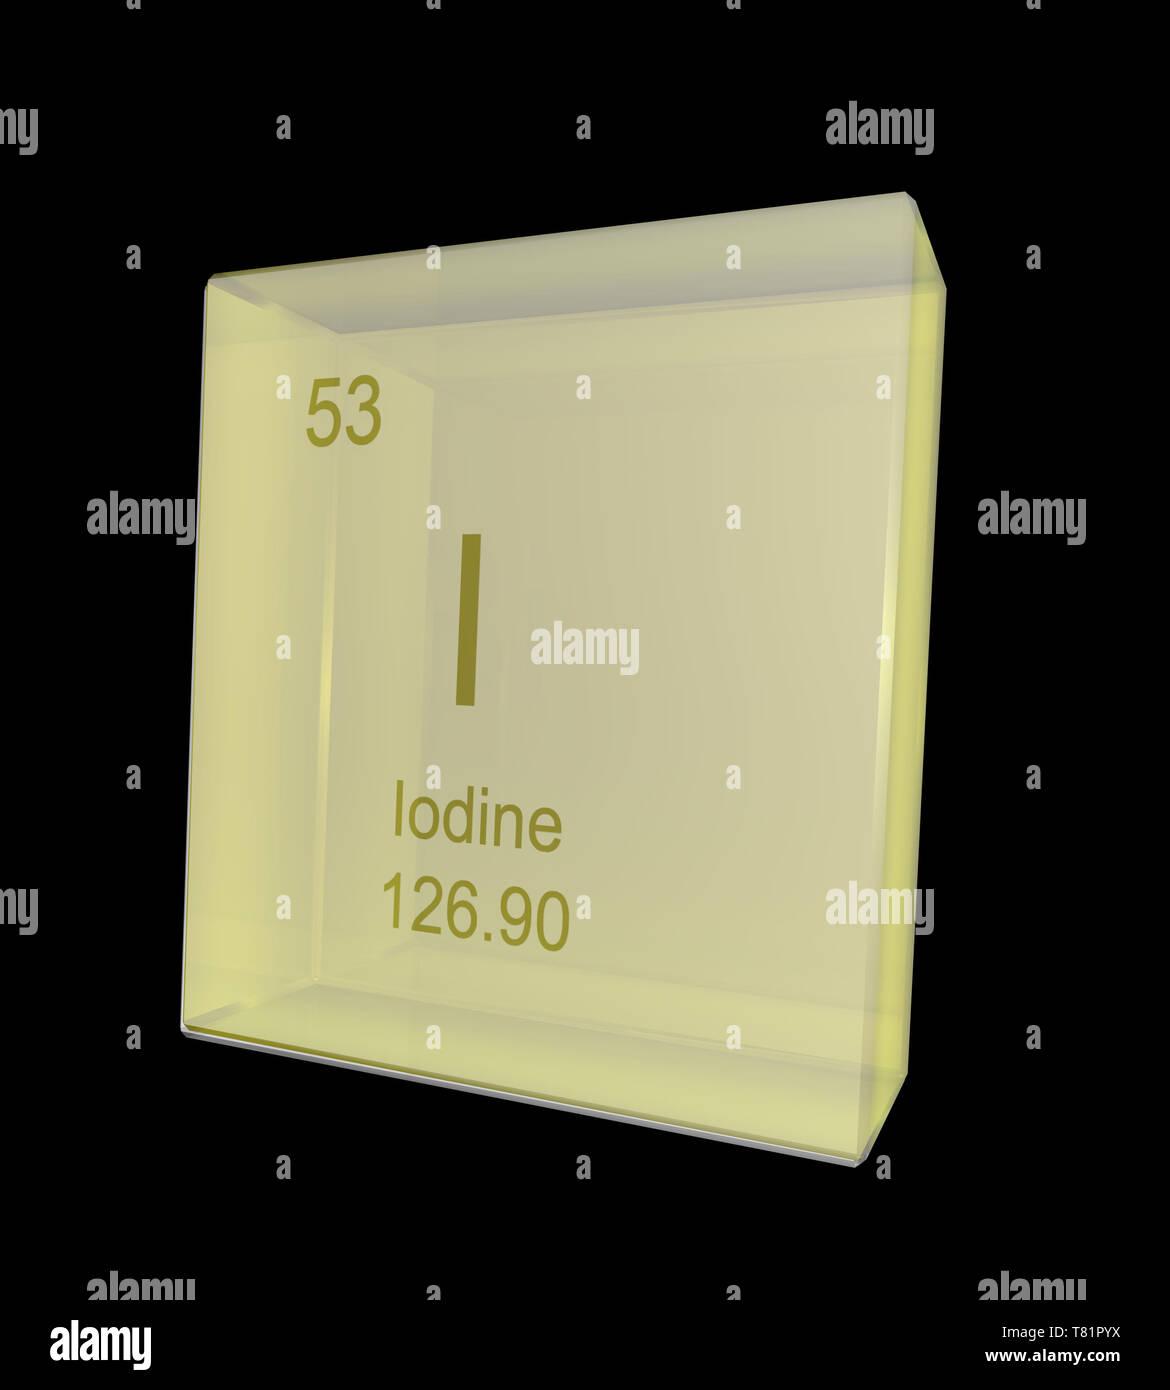 Iodine, Chemical Element Symbol, Illustration - Stock Image